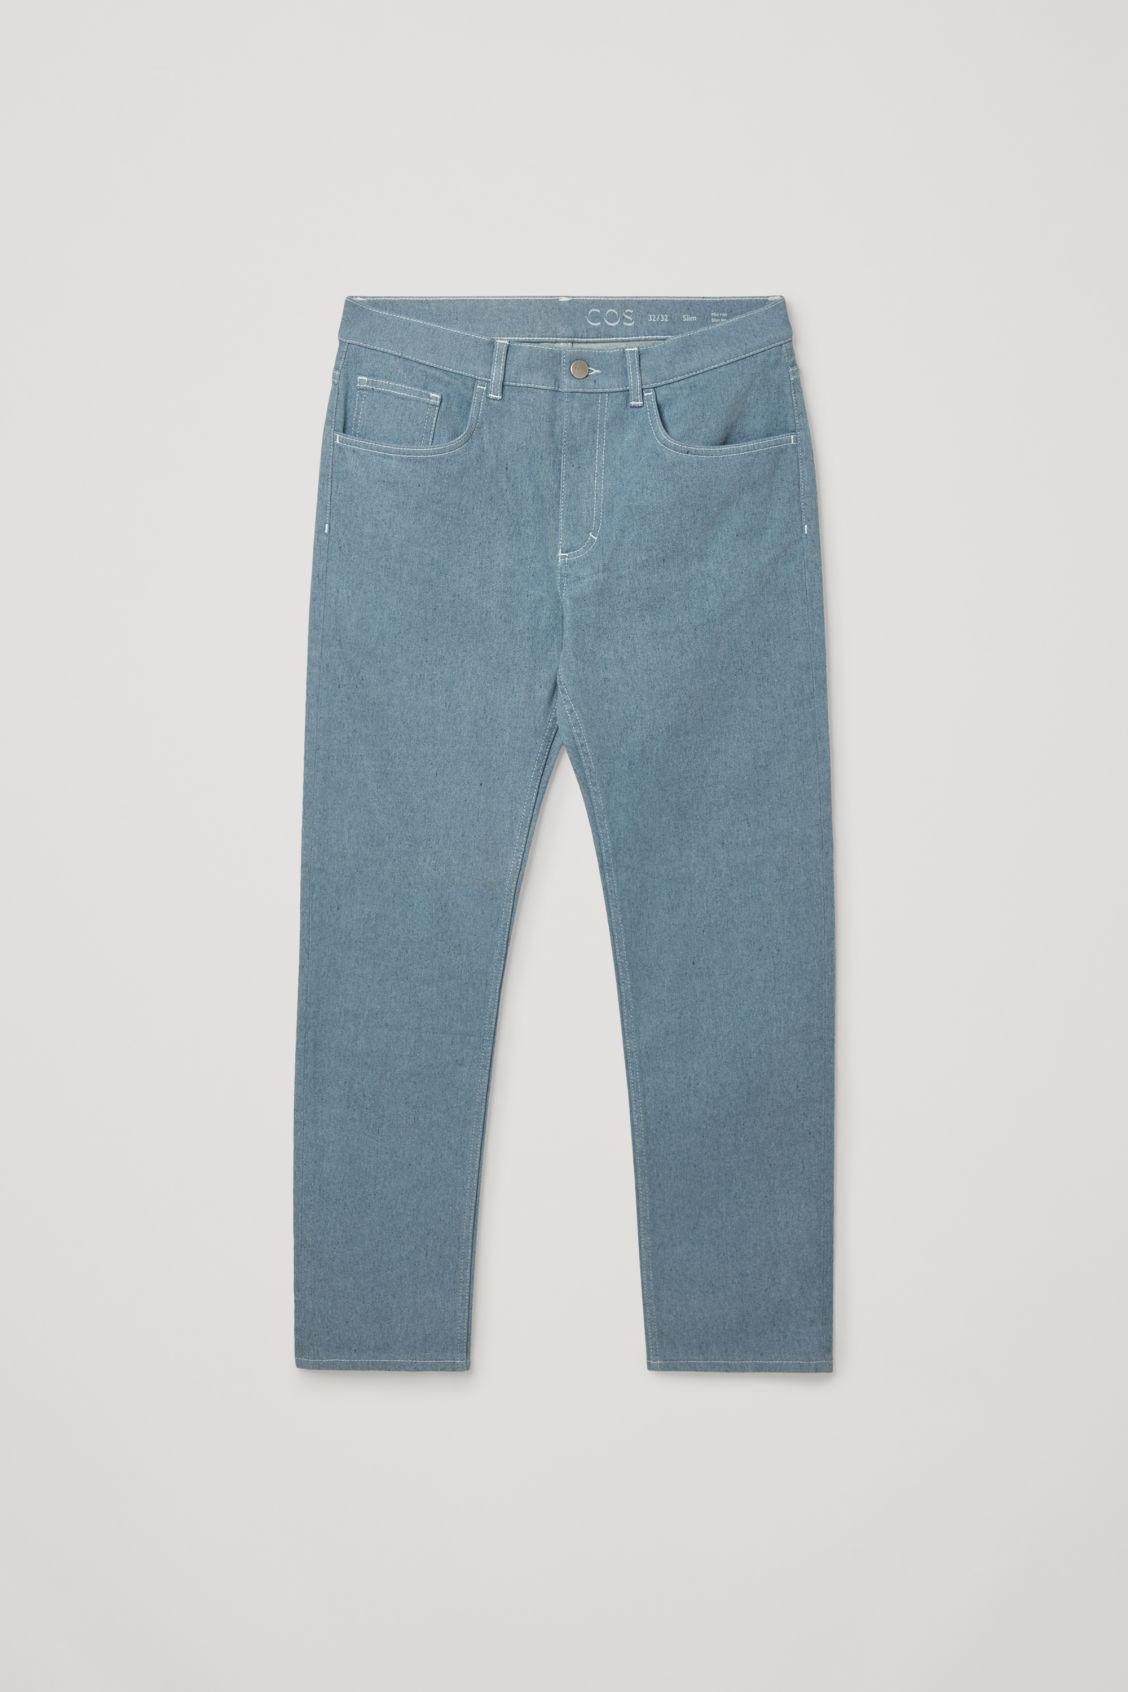 코스 청바지 COS SLIM-LEG JEANS,blue